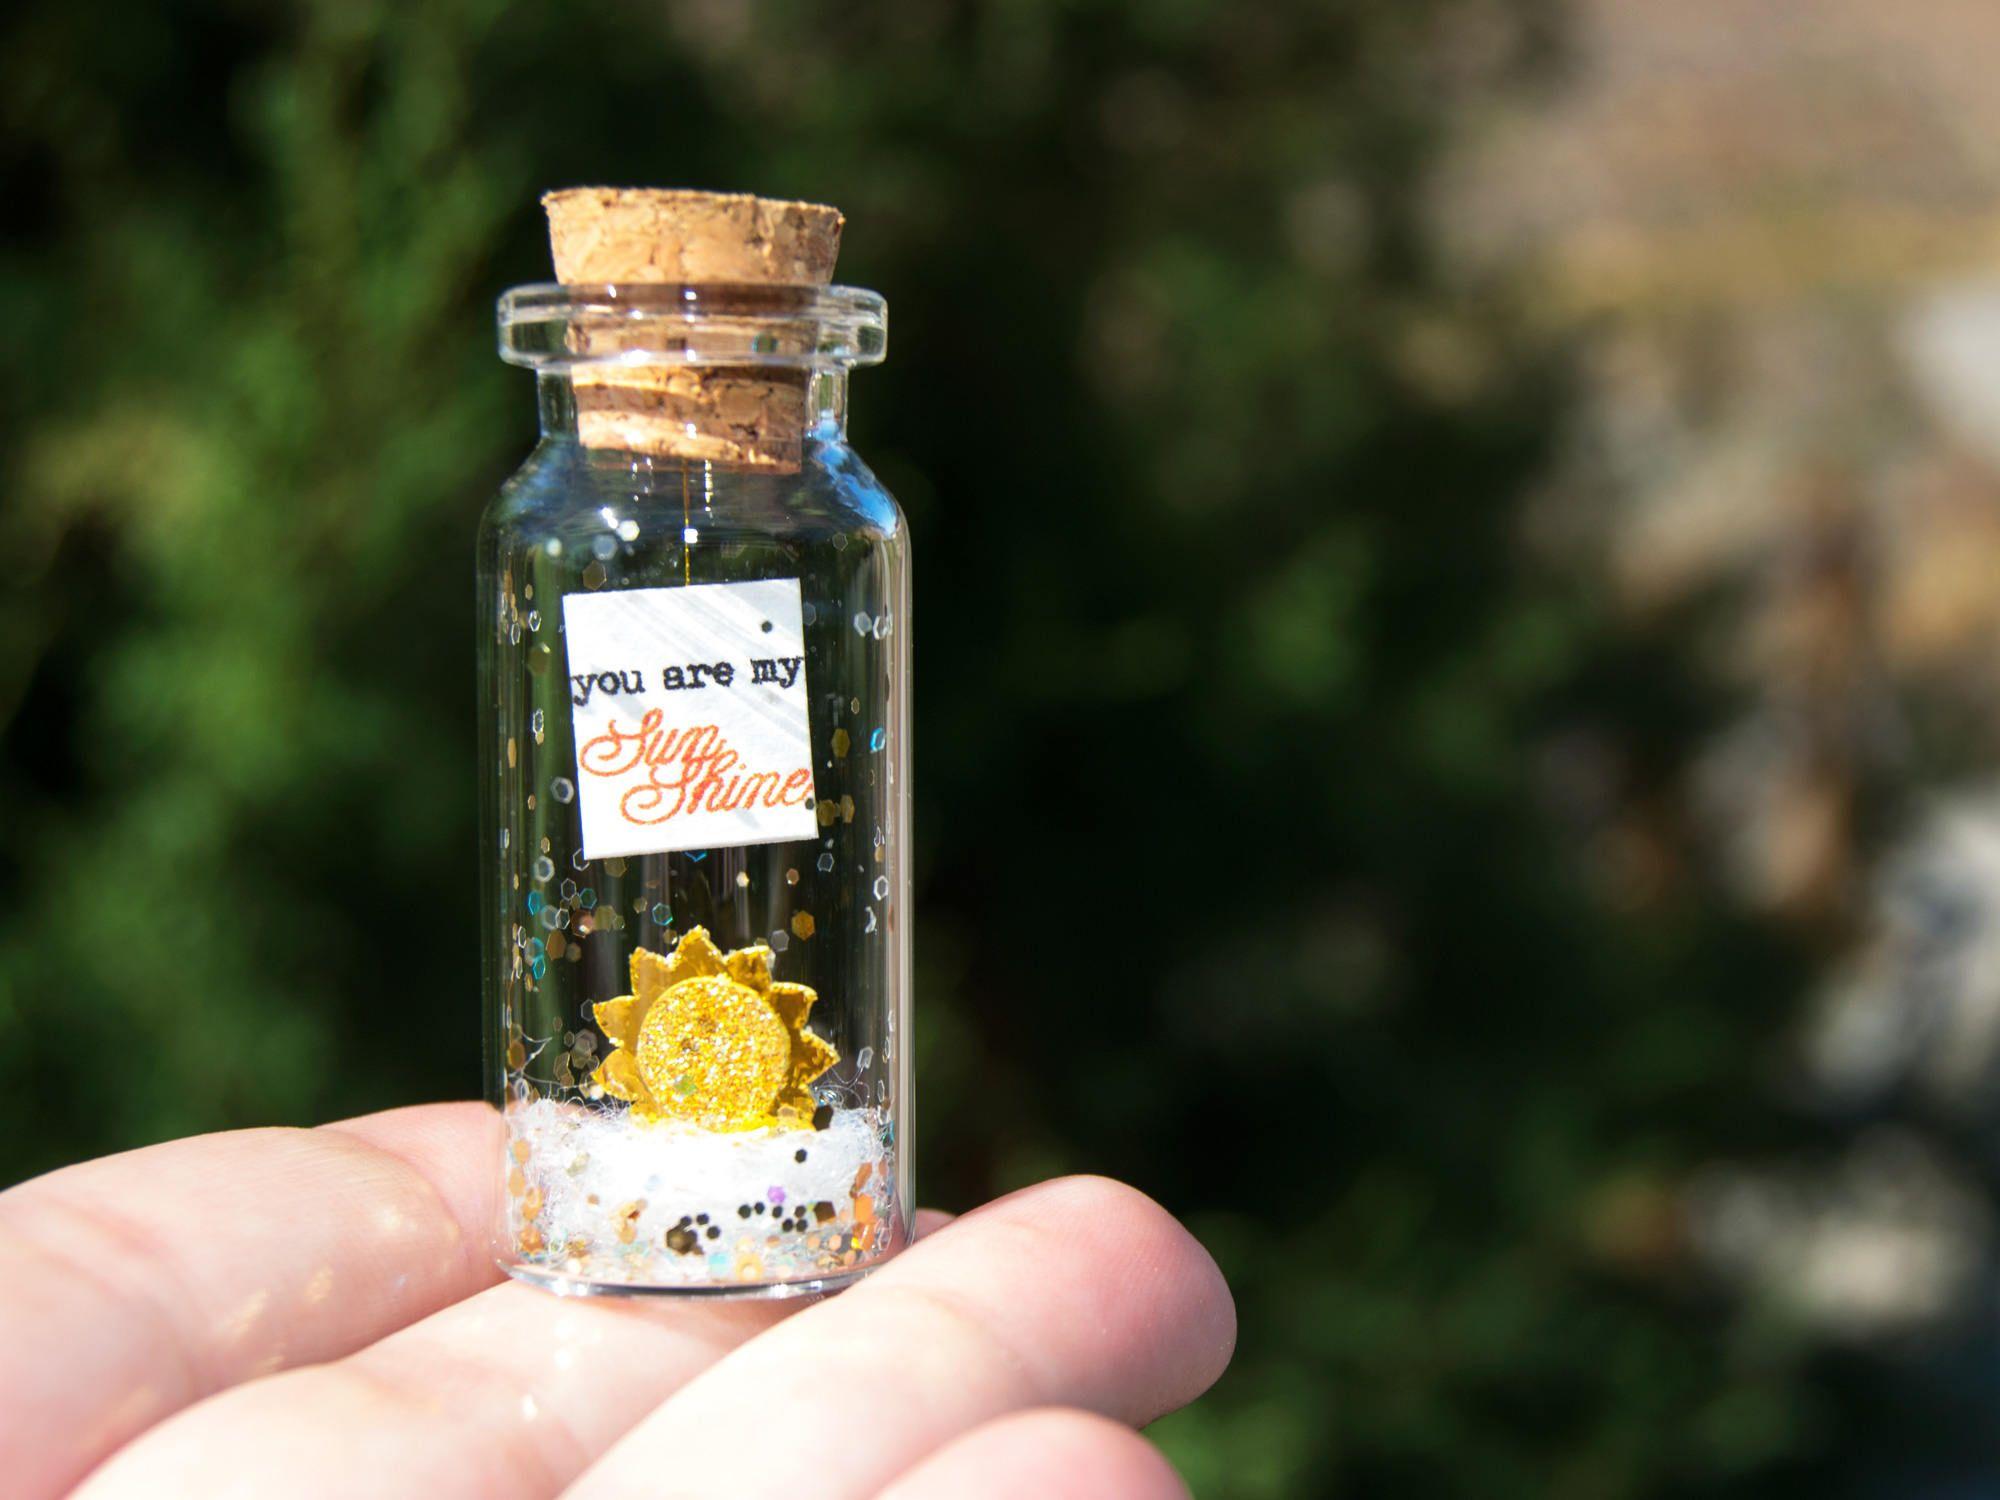 You are my SunShine. Te quiero. Mensaje en una botella. Miniaturas. Regalo personalizado. Divertida postal de amor. de EyMyMessage en Etsy